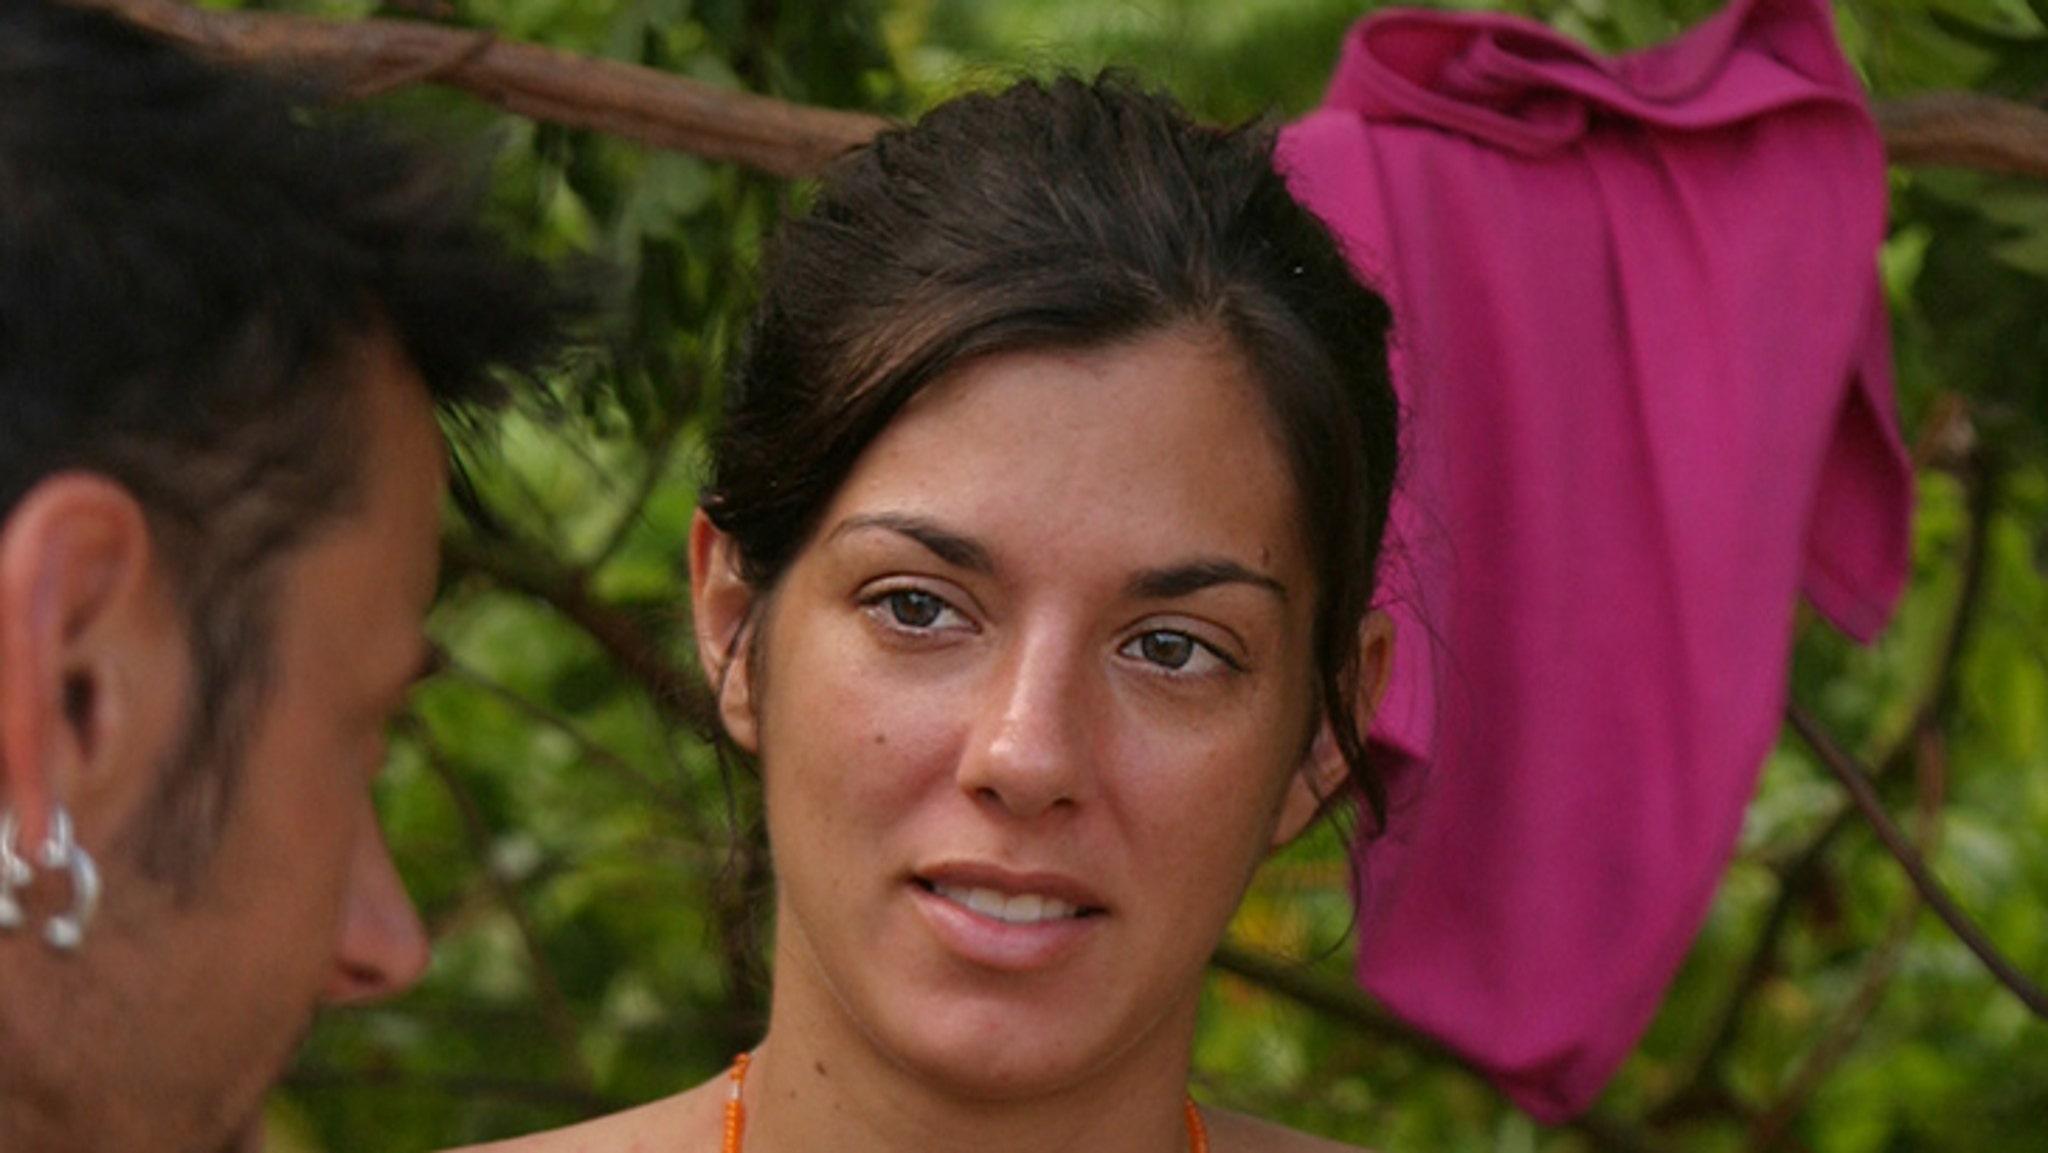 'Survivor' Winner Jenna Morasca Arrested for Biting Cop After Being Revived in DUI Drug OD